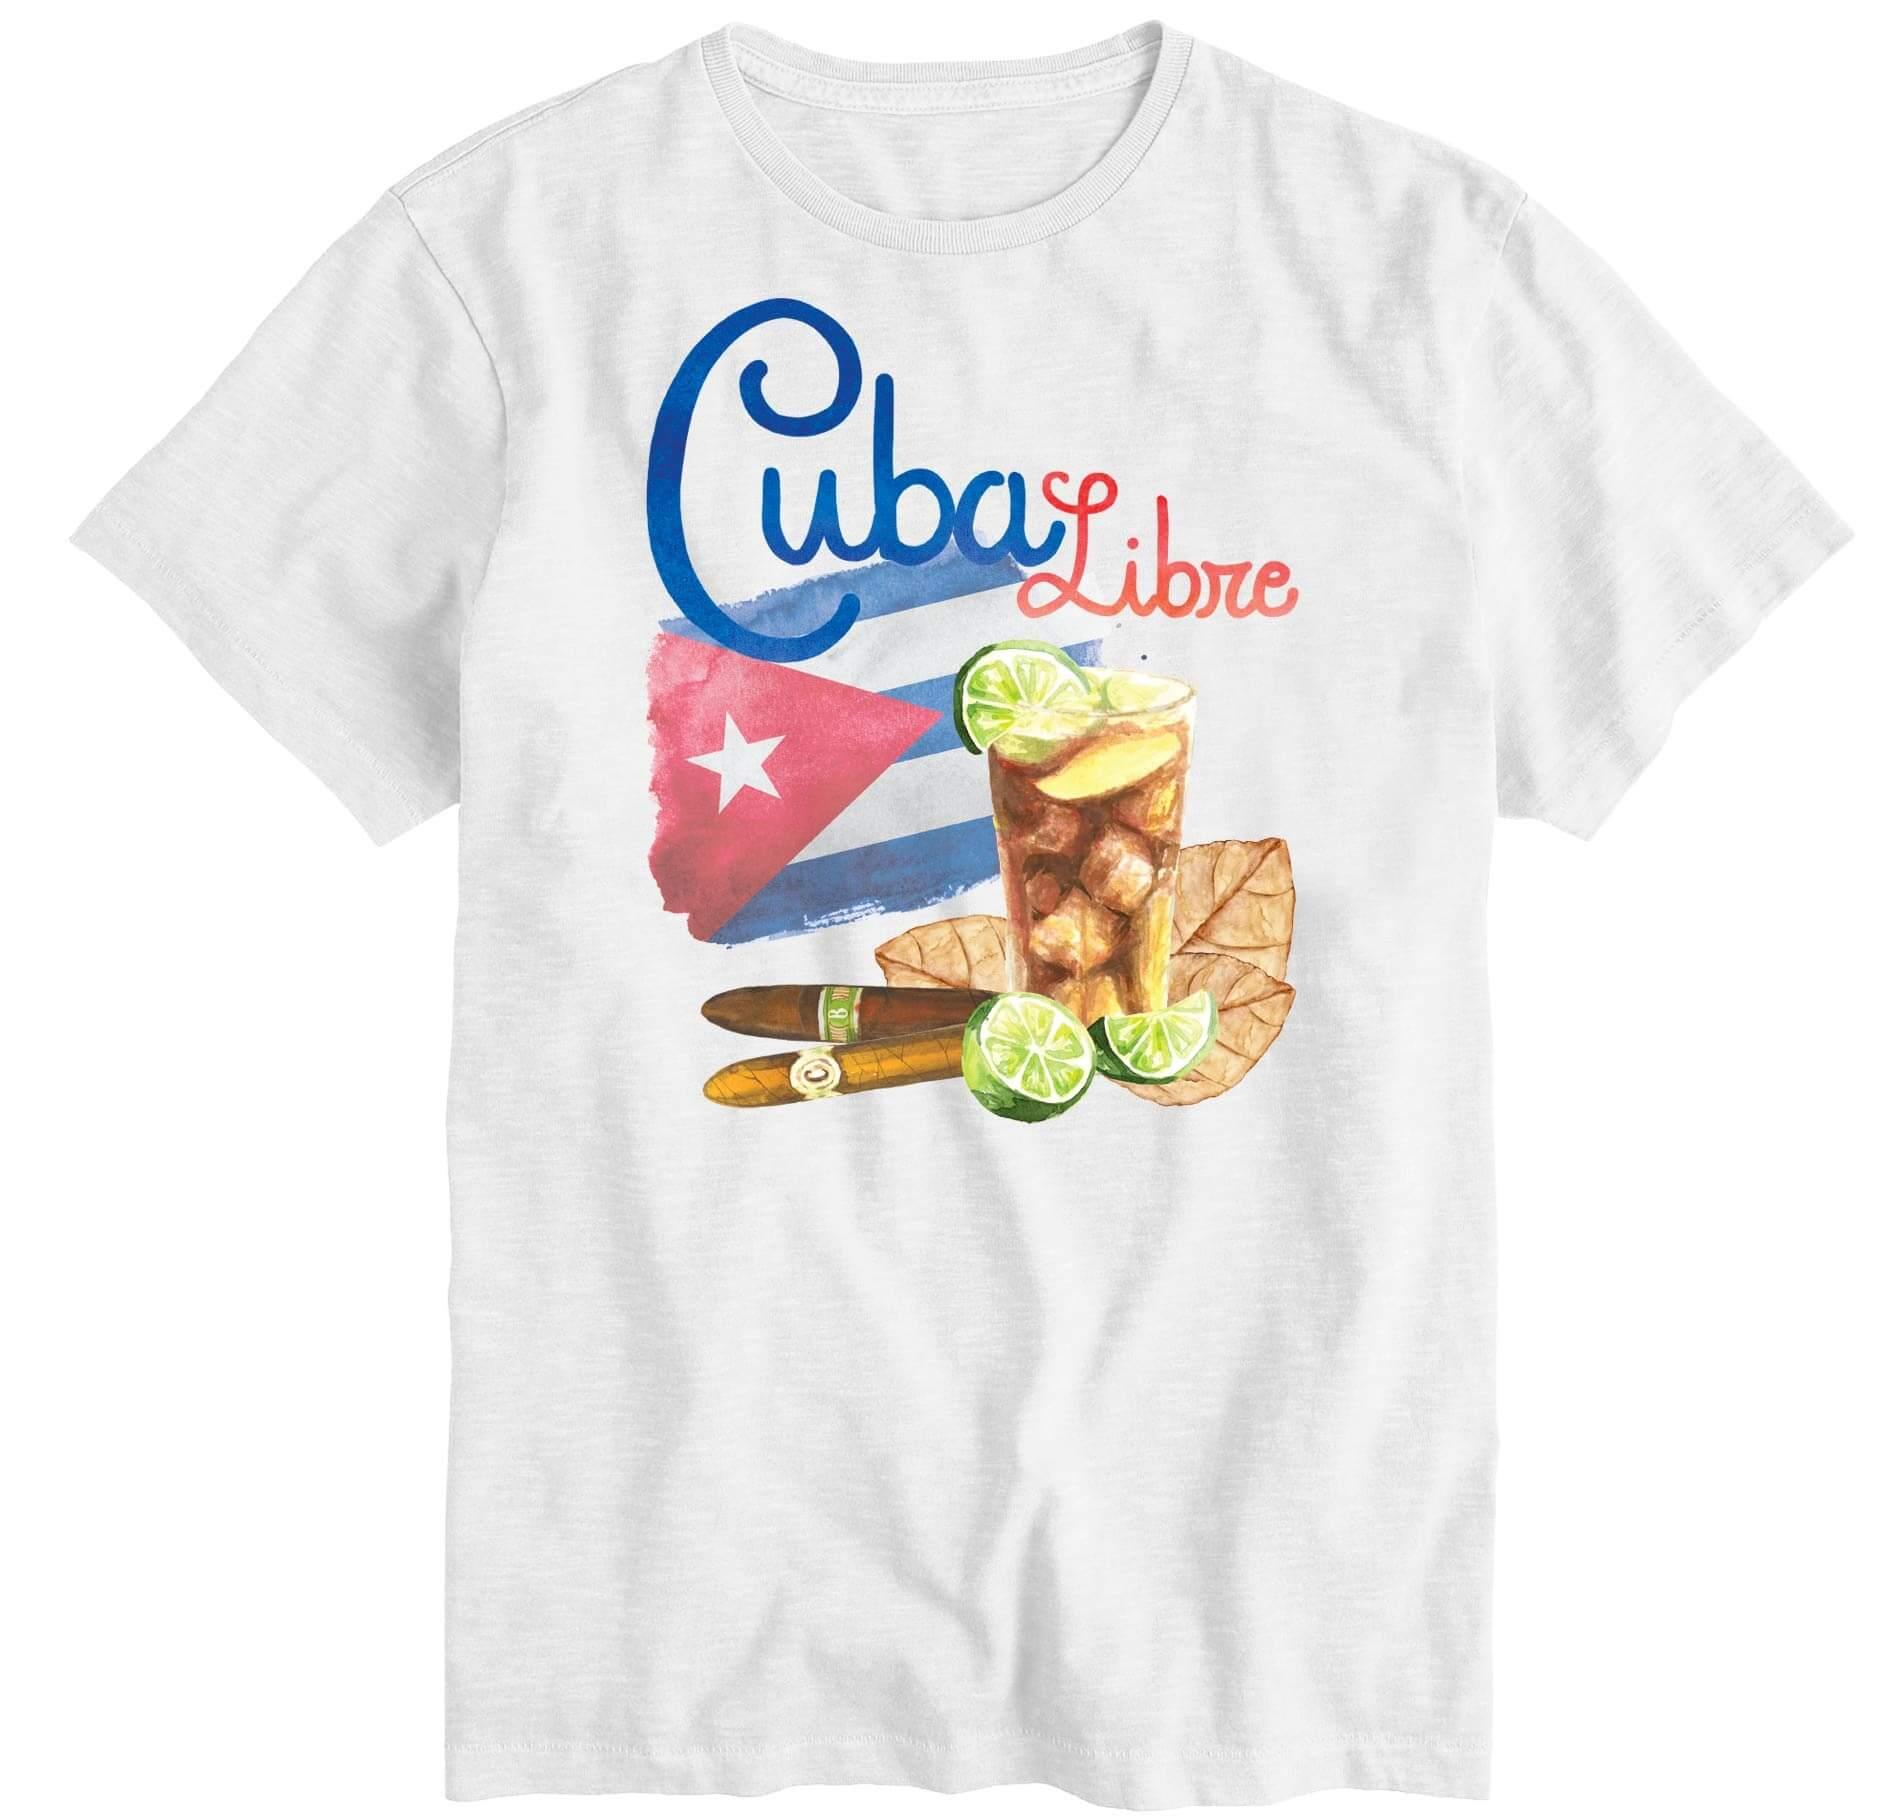 T-SHIRT SAINT BARTH CUBA LIBRE